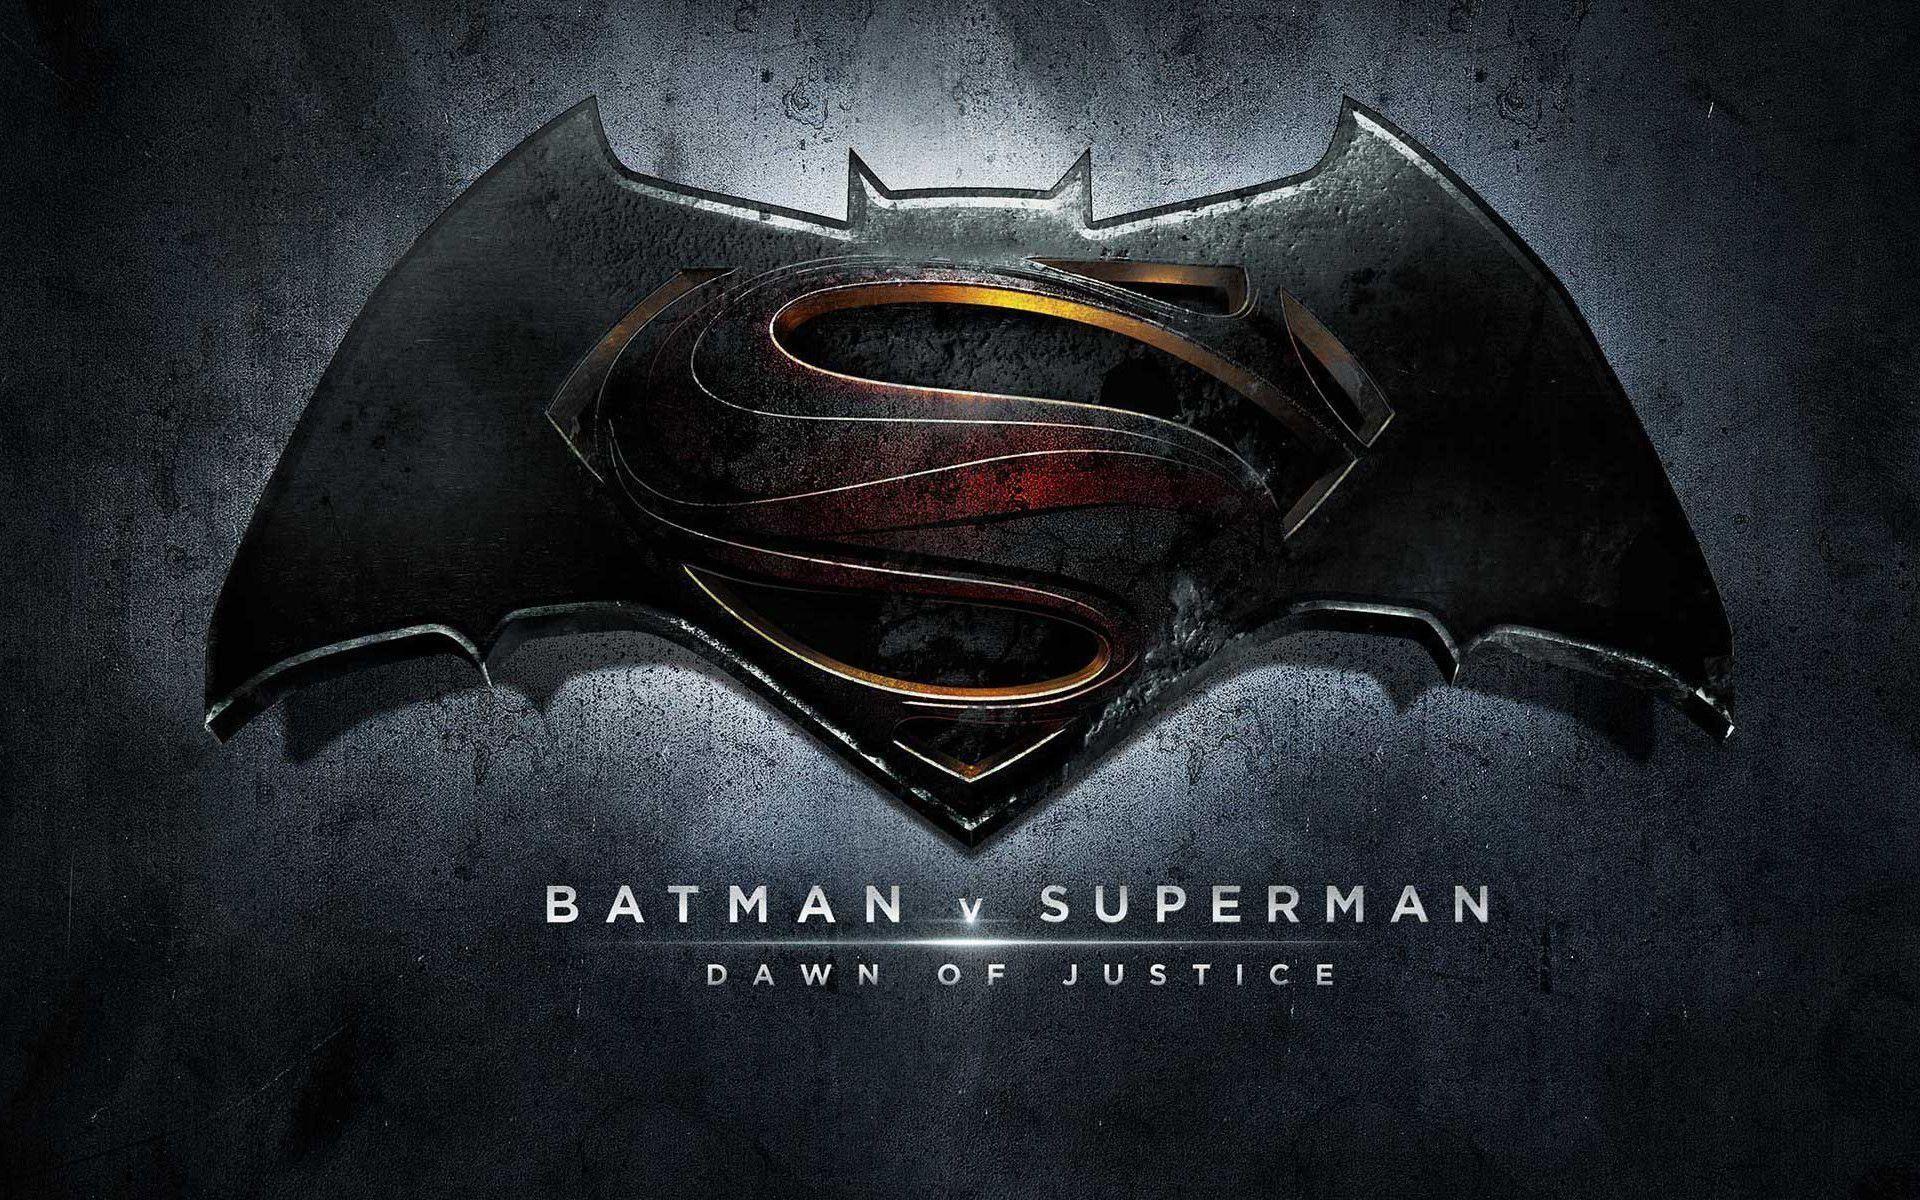 Batman Vs Superman Wallpaper Hd 79 Images